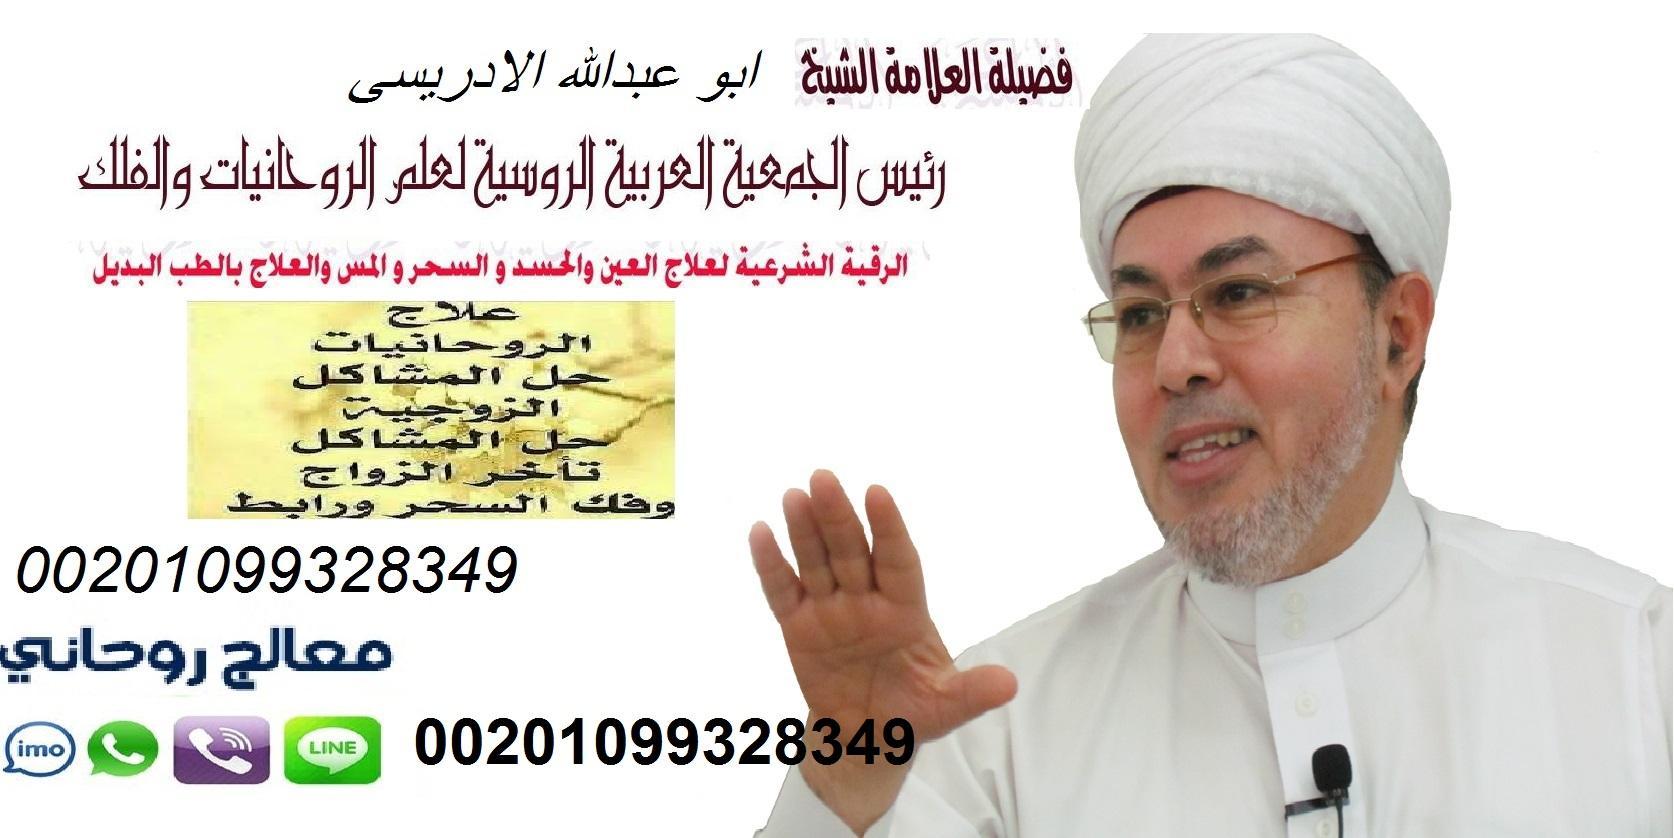 معالج روحانى صادق معروف00201099328349 792353857.jpg